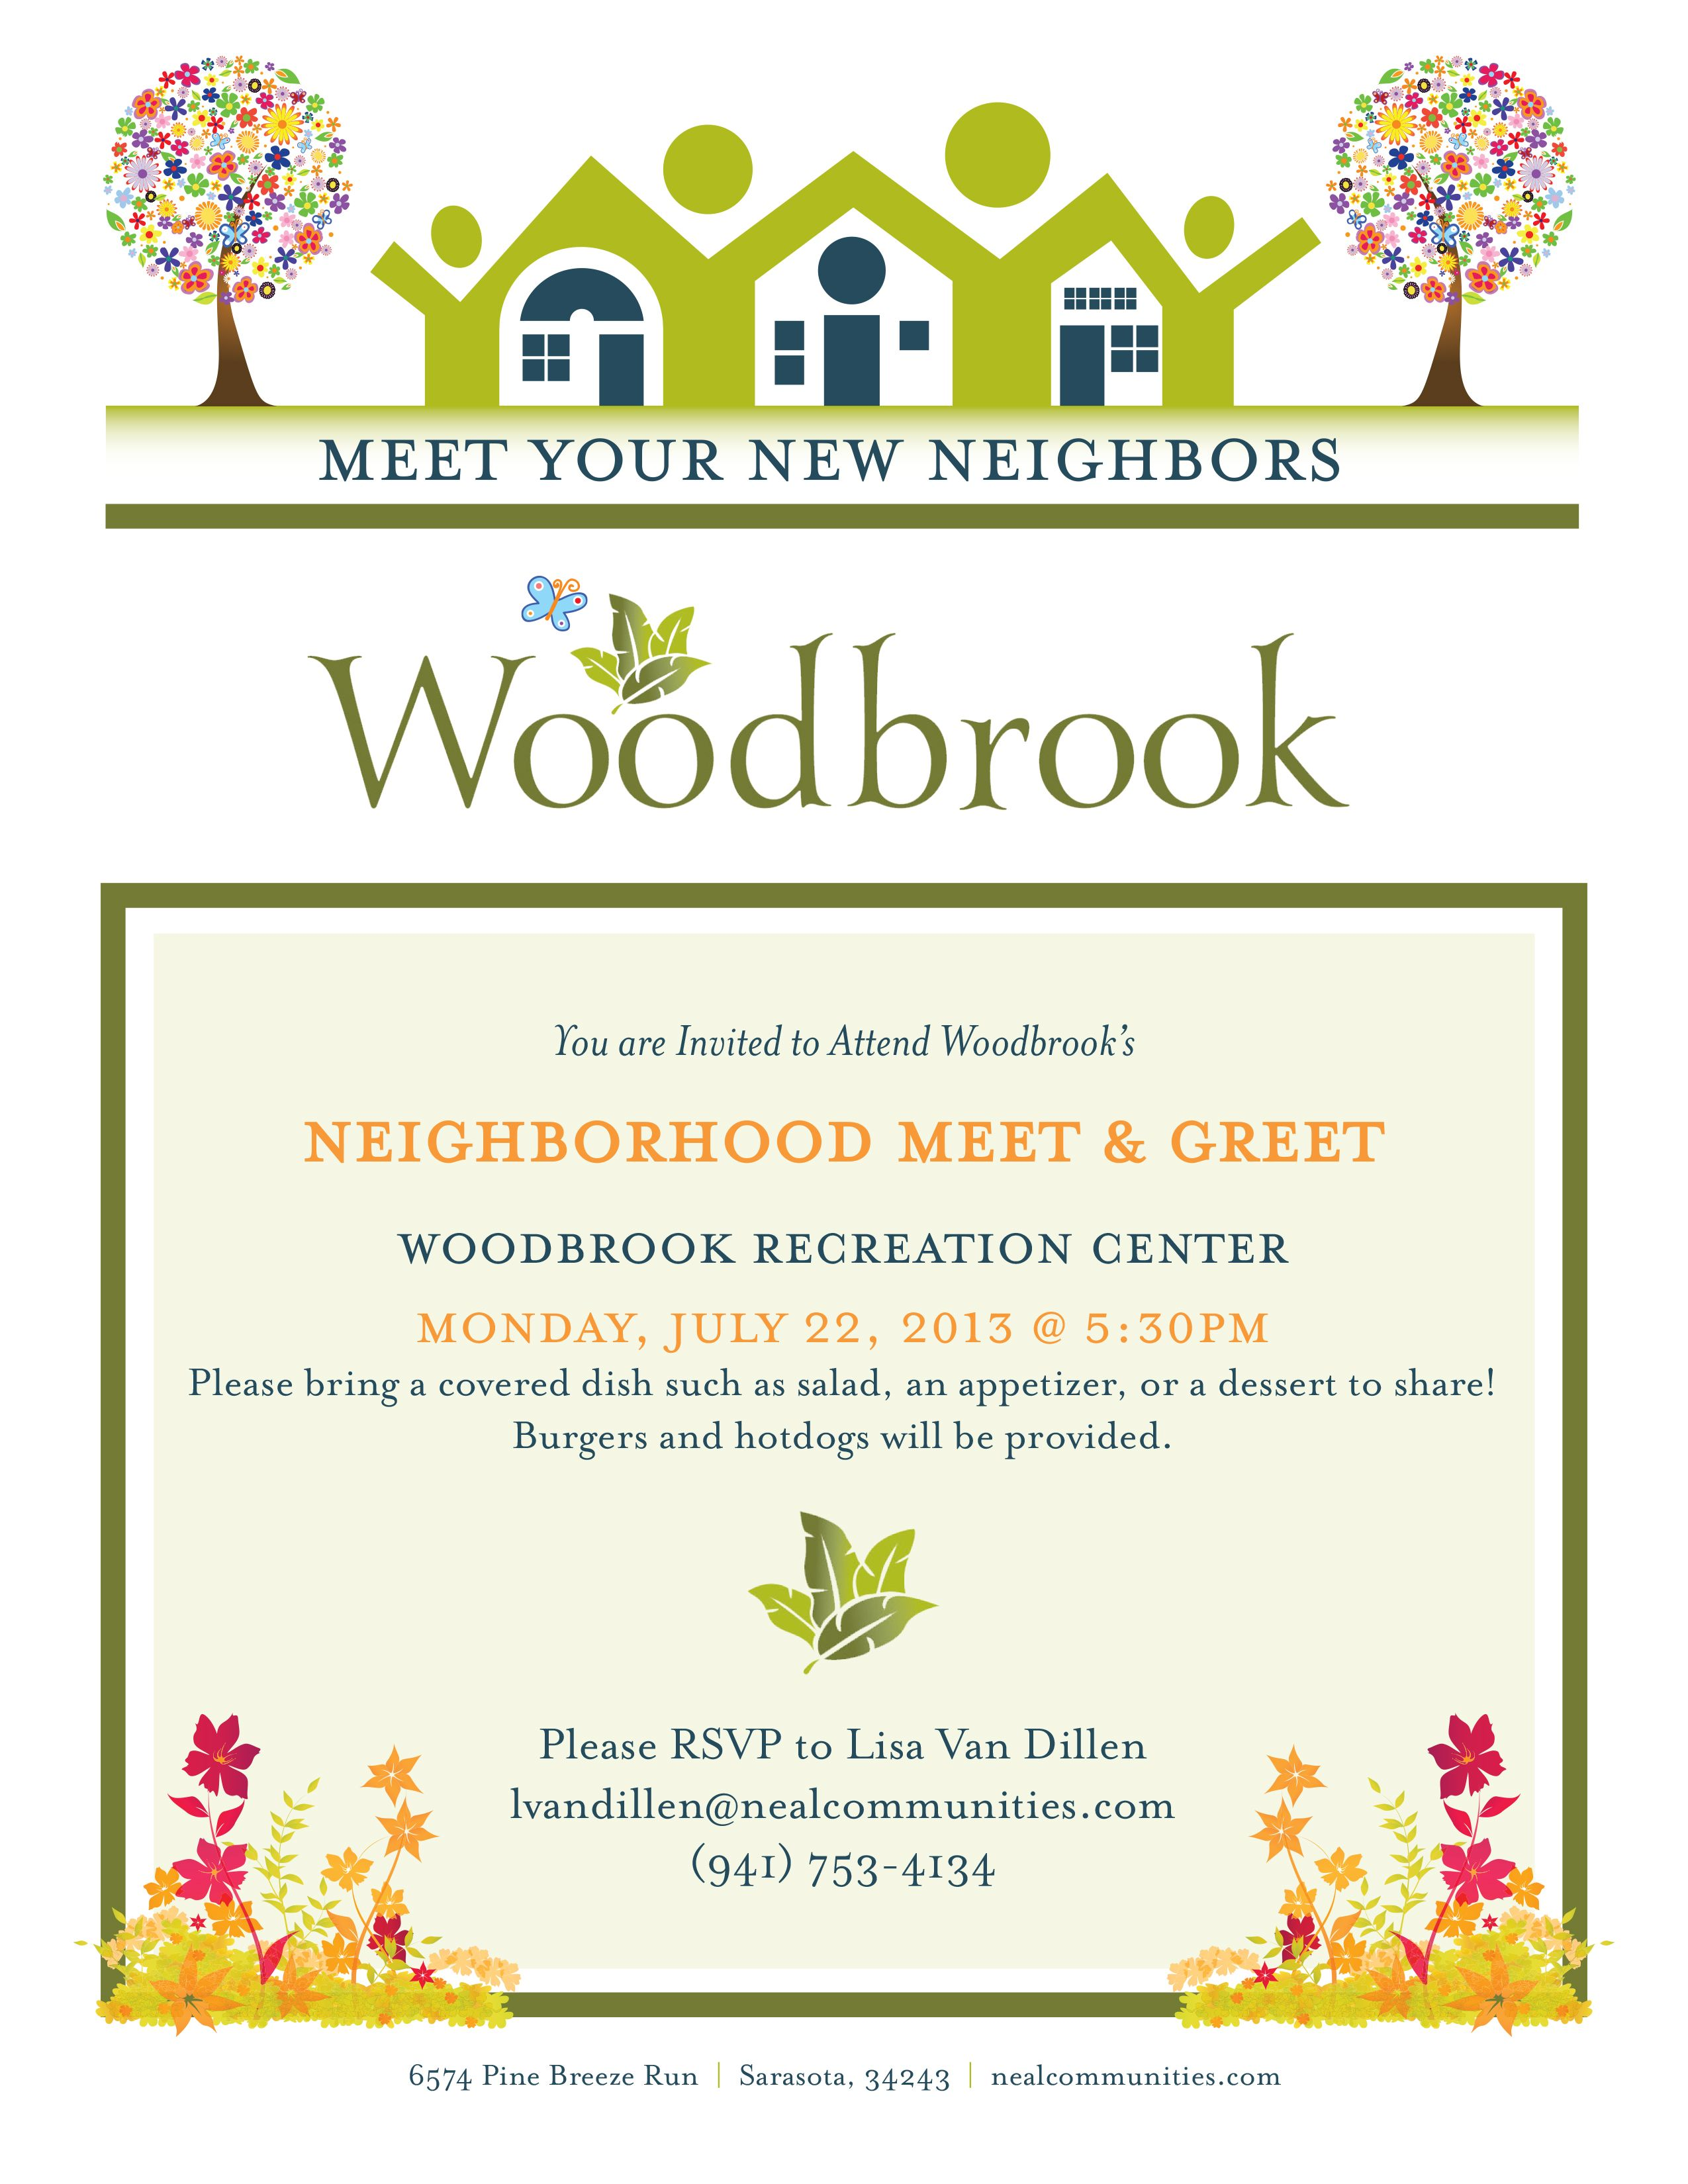 Client: Neal Communities / Project: Neighborhood Meet & Greet Flyer ...